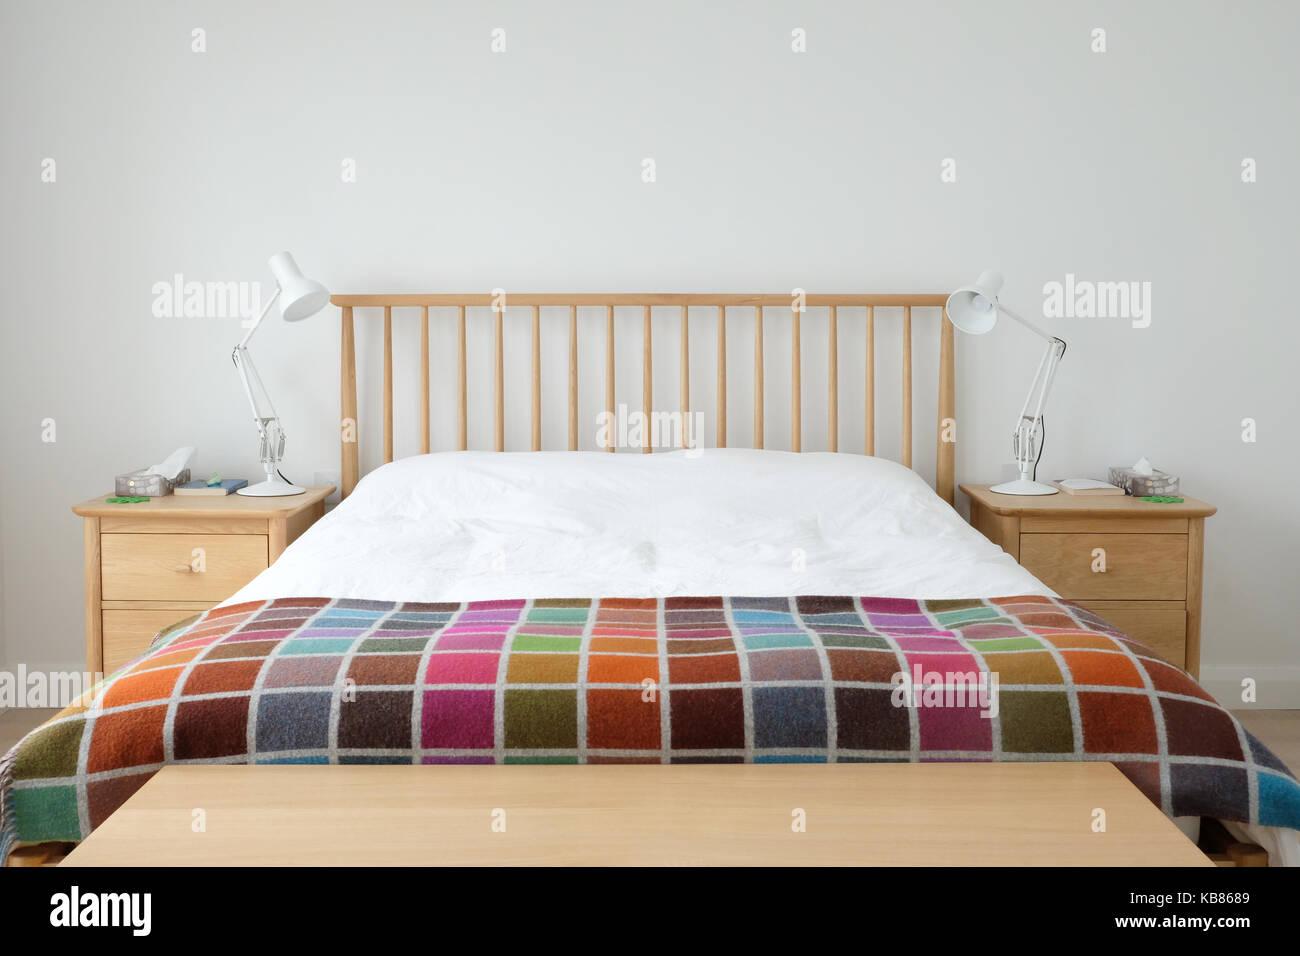 Scandinavian inspired bedroom interior showing wooden bedroom Stock ...